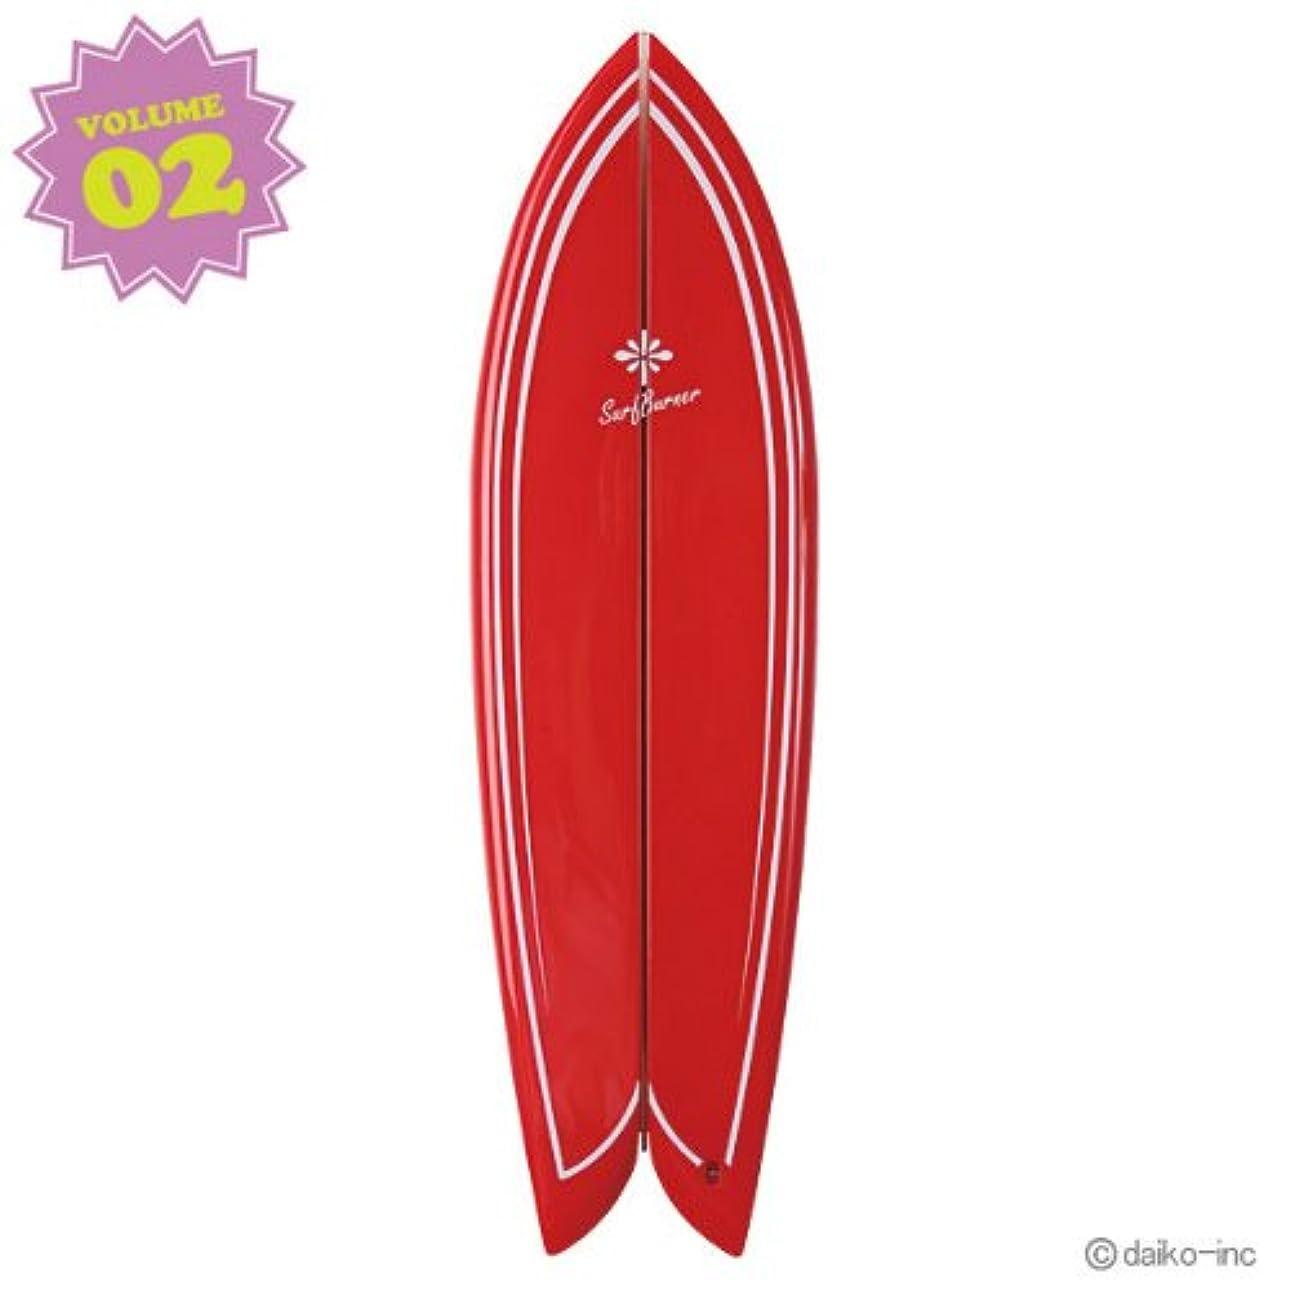 海外チェリー日大香 SURF BURNER サーフバーナー RETRO FISH Jeffreys Bay Vol.2